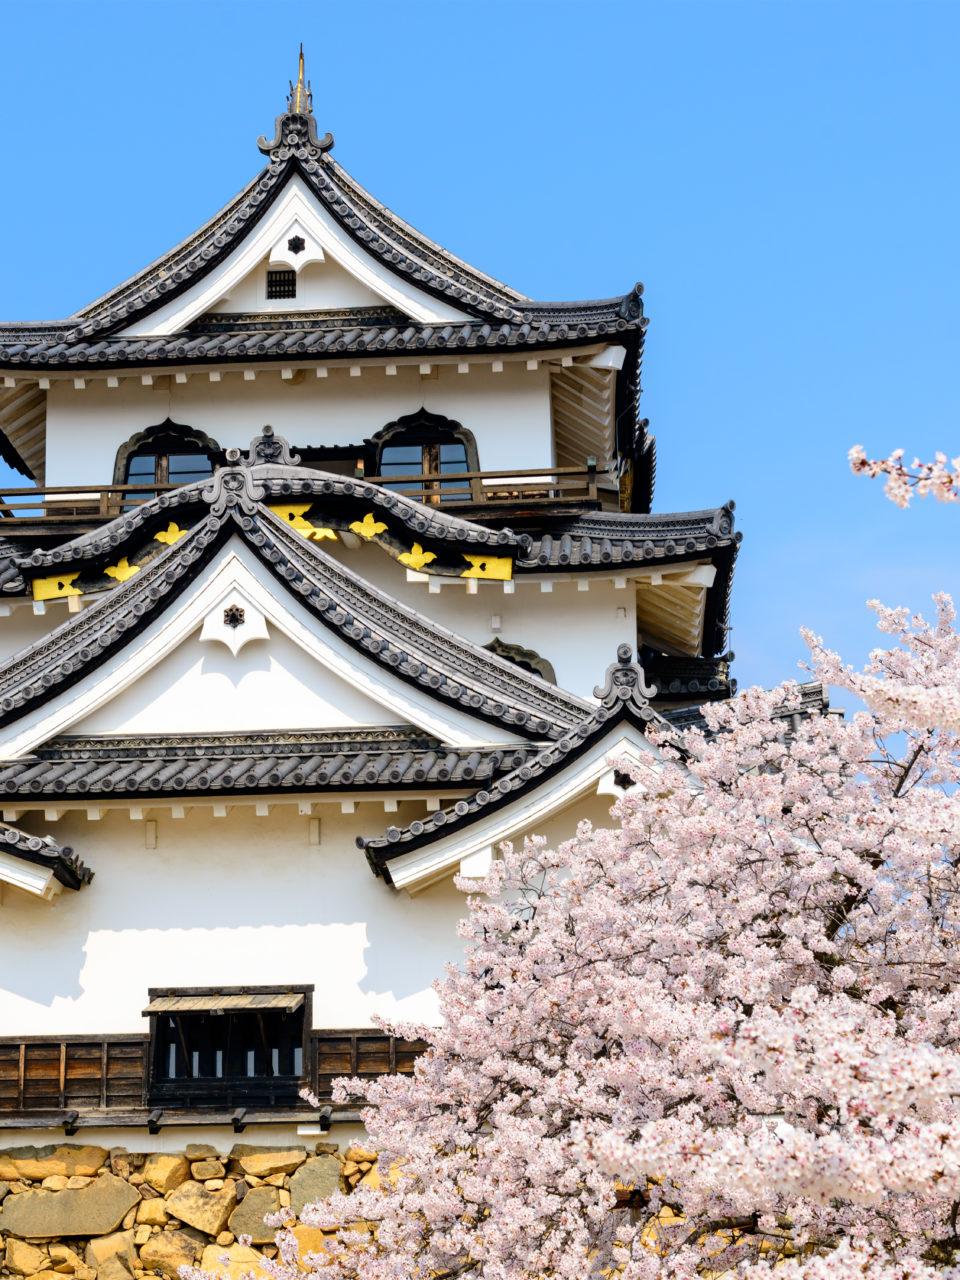 https://www.planetavenue.com/wp-content/uploads/2019/03/cerisier-japon1-960x1280.jpg